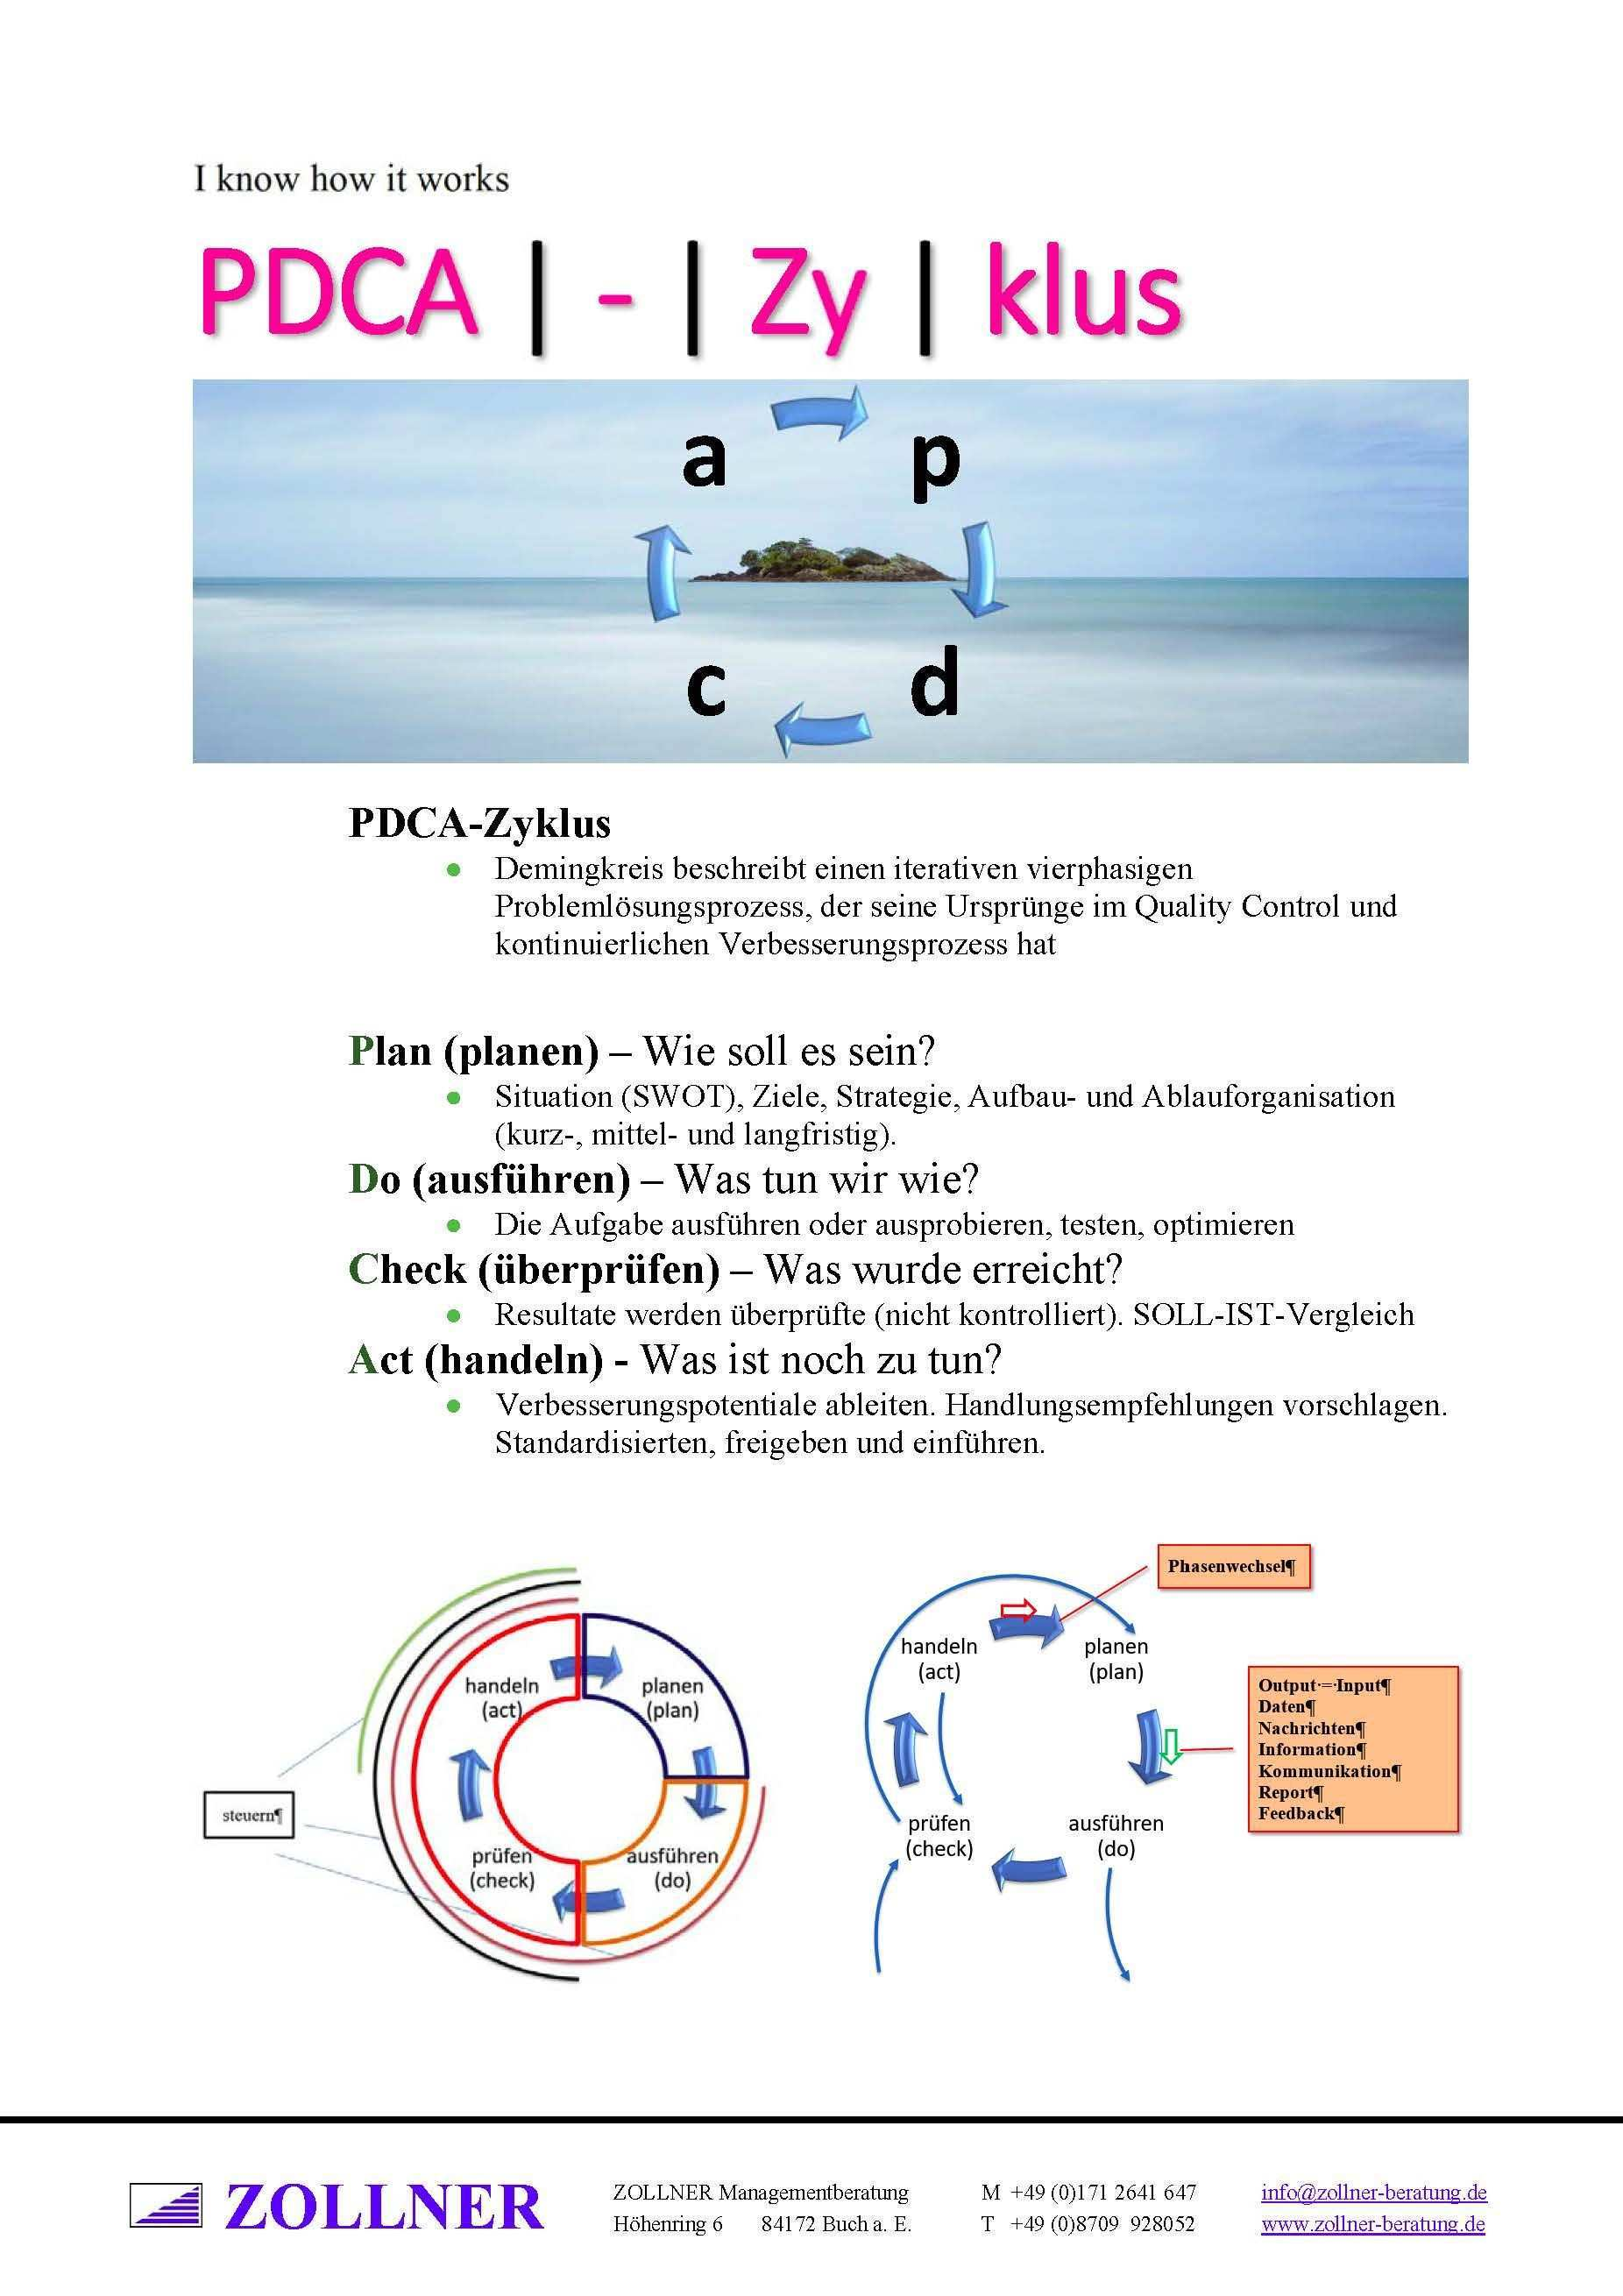 Pdca Zyklus Demingkreis Beschreibt Einen Iterativen Vierphasigen Problemlosungsprozess Der Seine Urspr Problemlosungsprozess Lernmethoden Psychologie Lernen